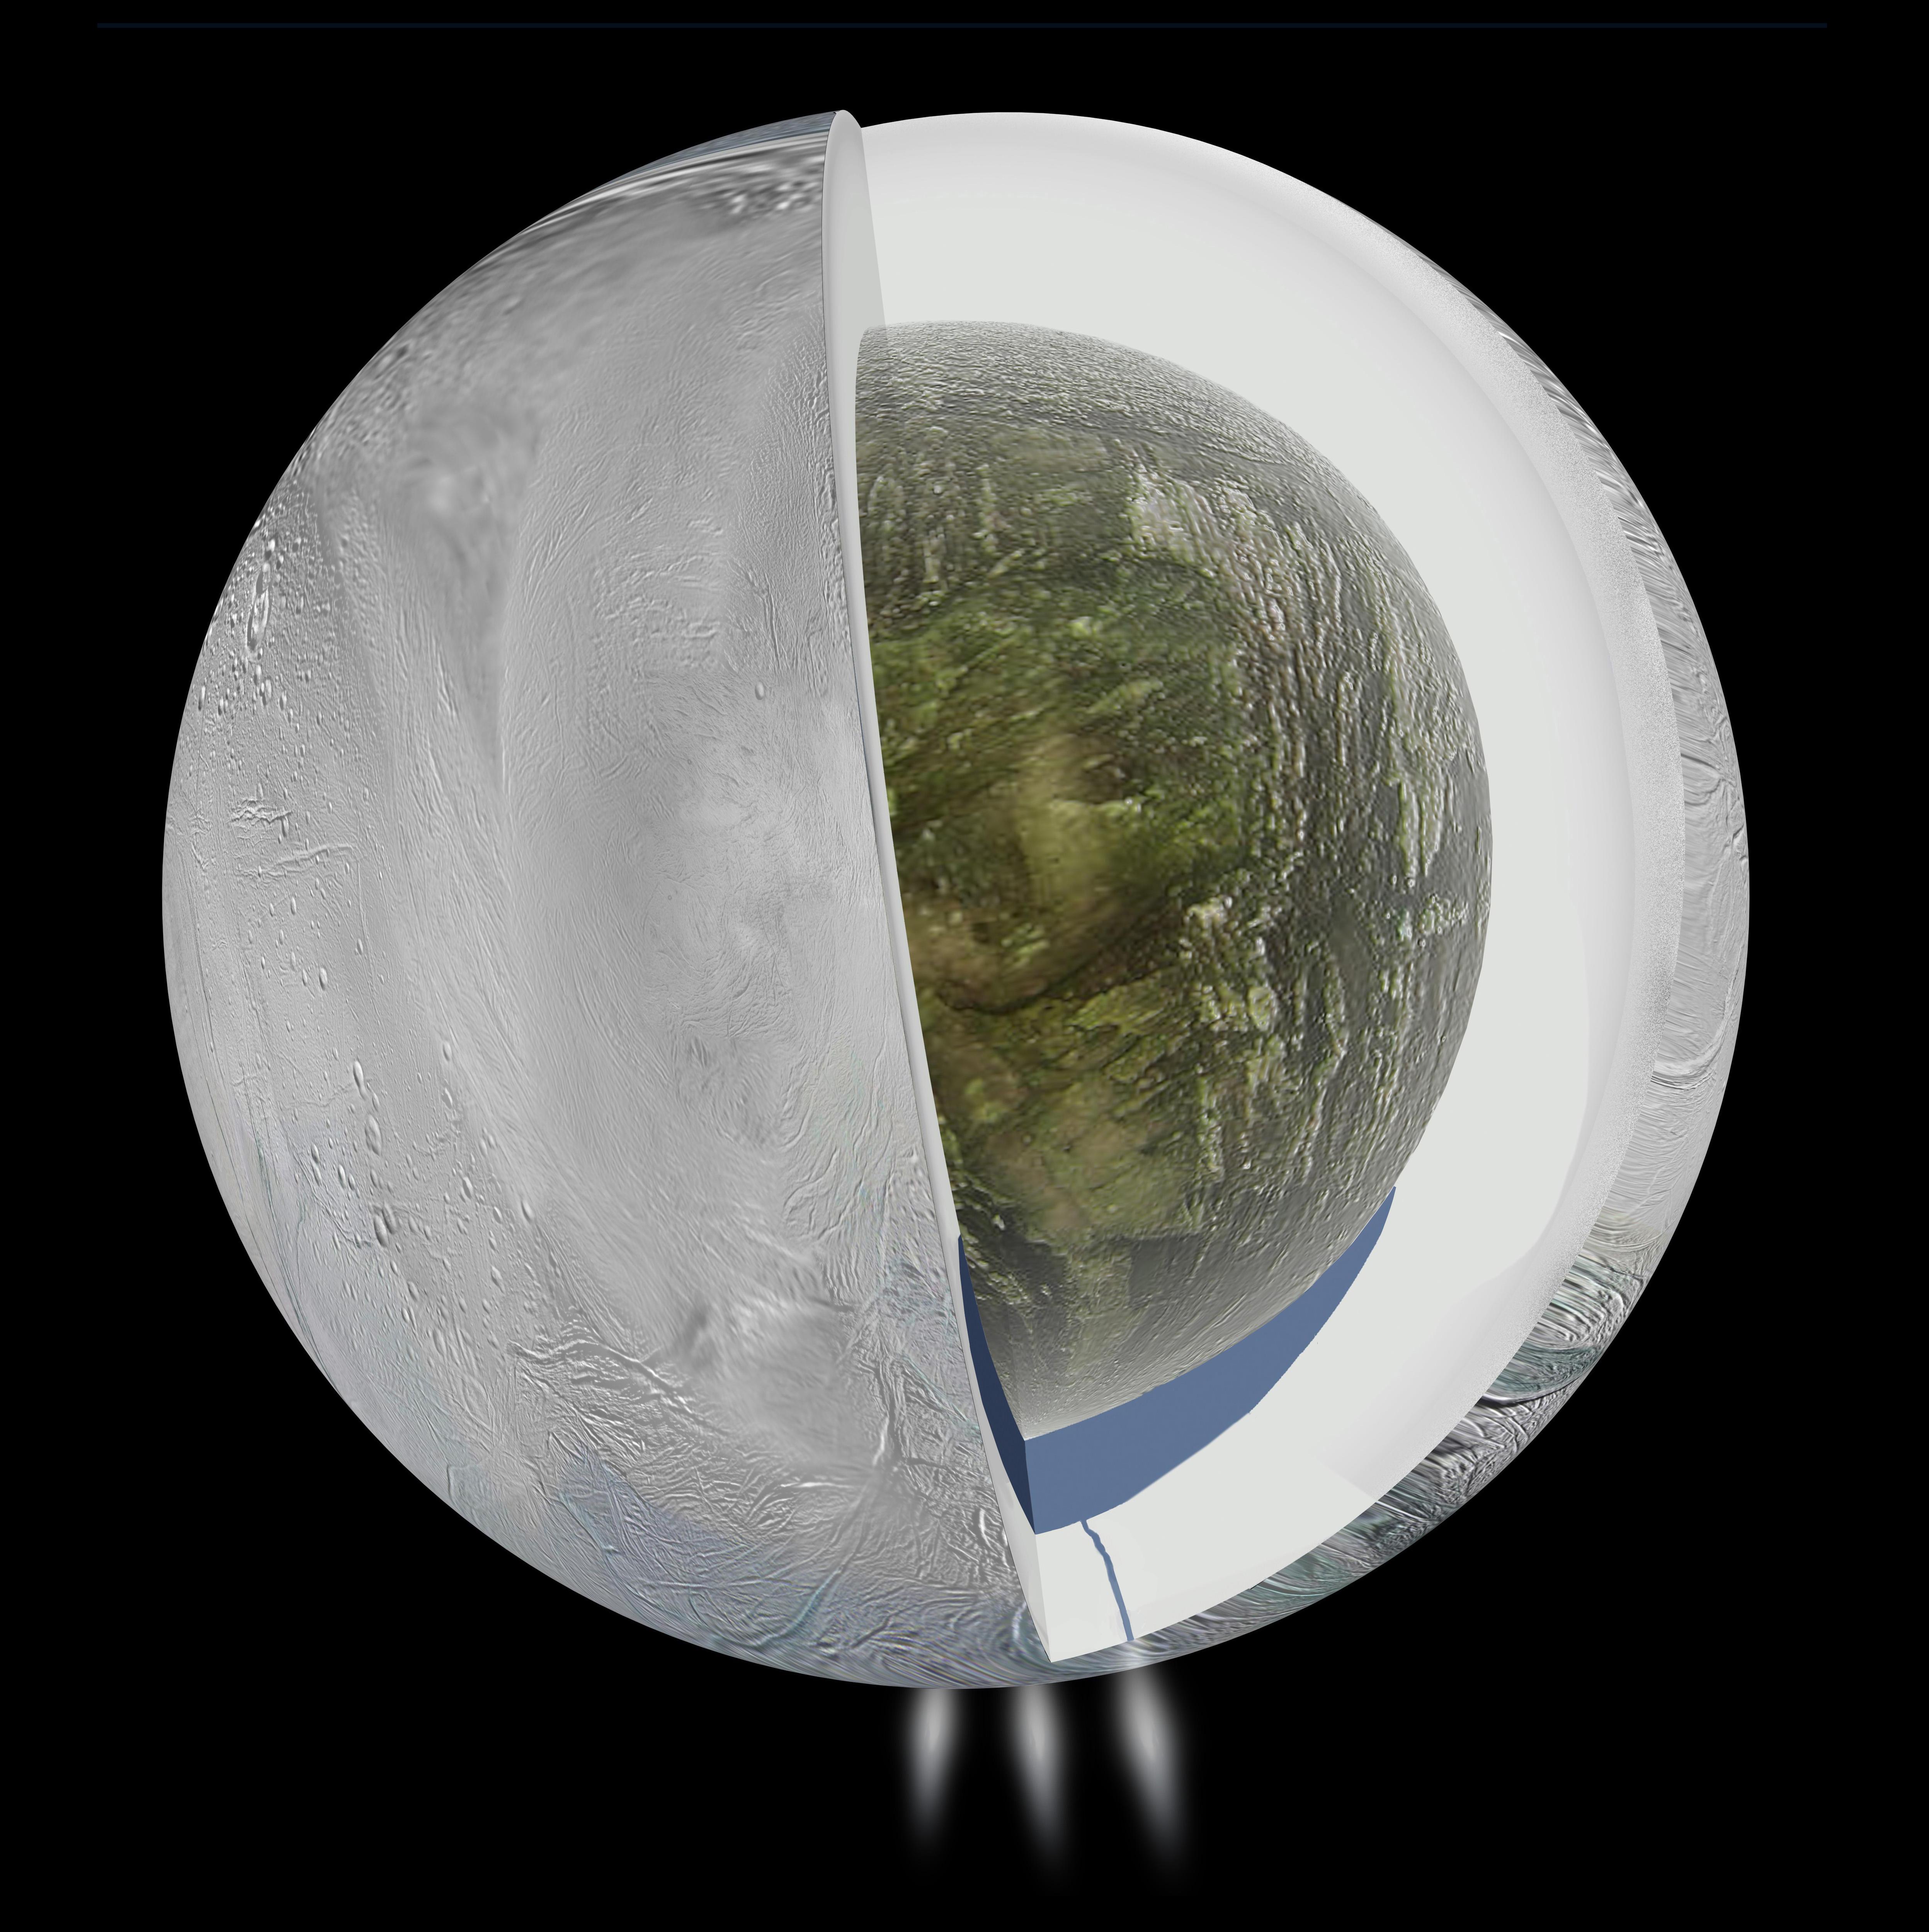 Cassini Spacecraft Diagram Nasa 39 s Cassini Spacecraft